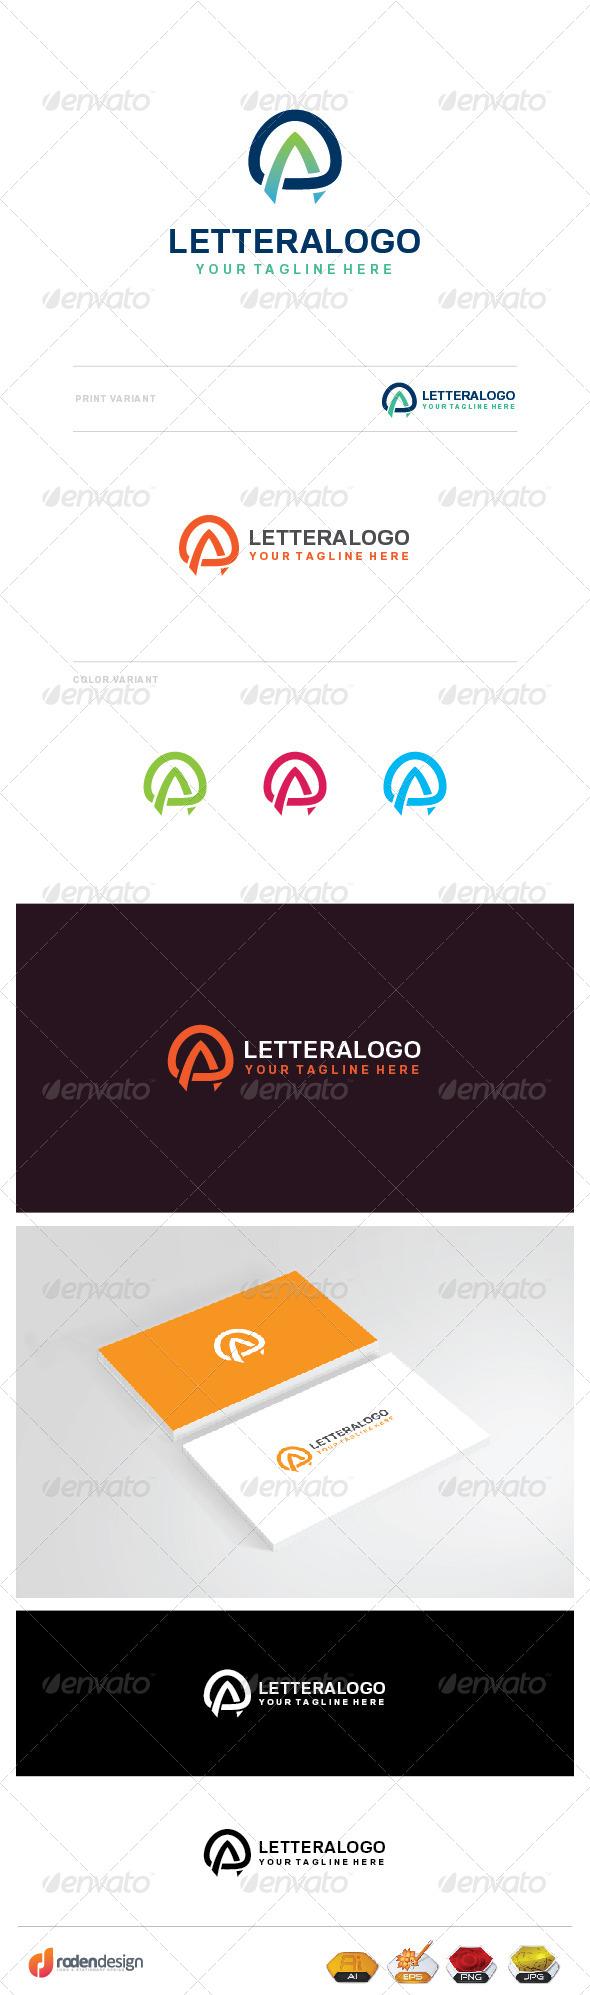 GraphicRiver A Letter Logo 8273876